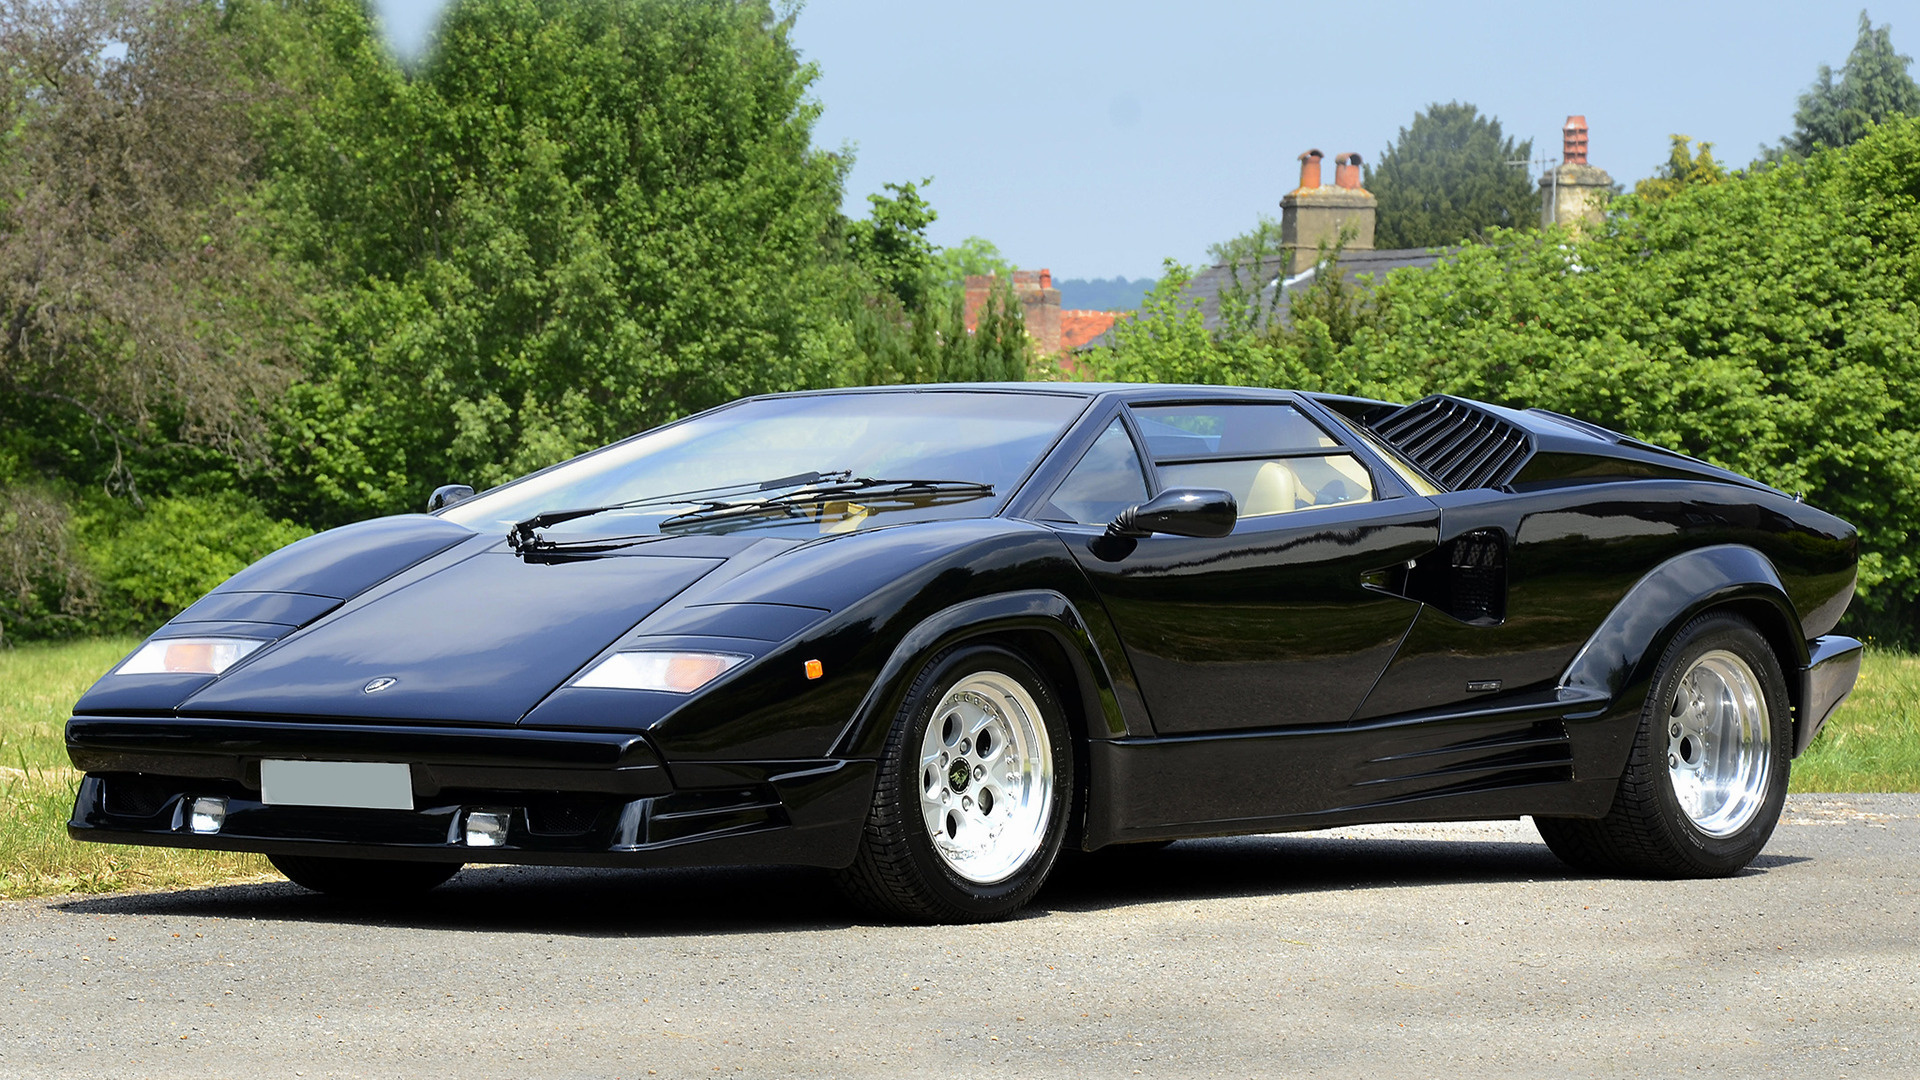 Lamborghini Countach 25° Anniversario (1988) UK Wallpapers ...